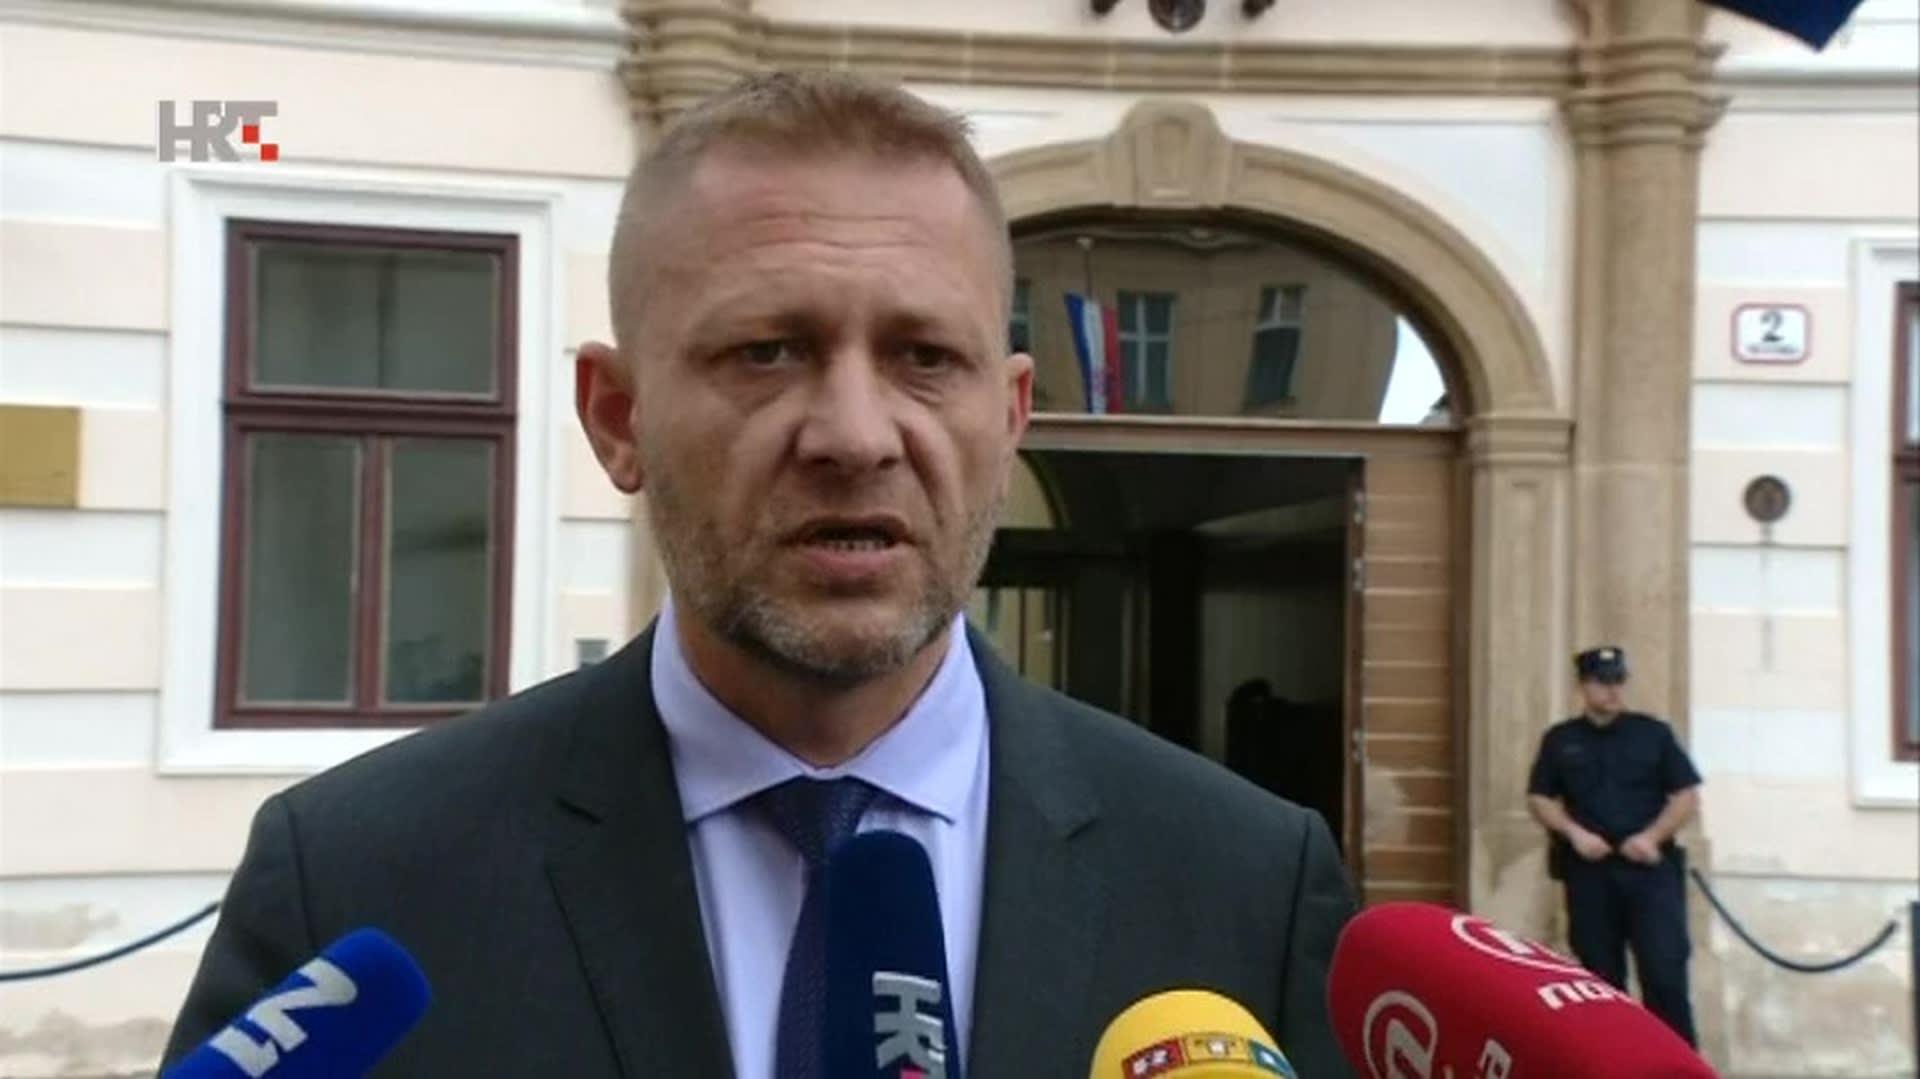 Krešo Beljak del HSS. (Foto: HRT.hr)